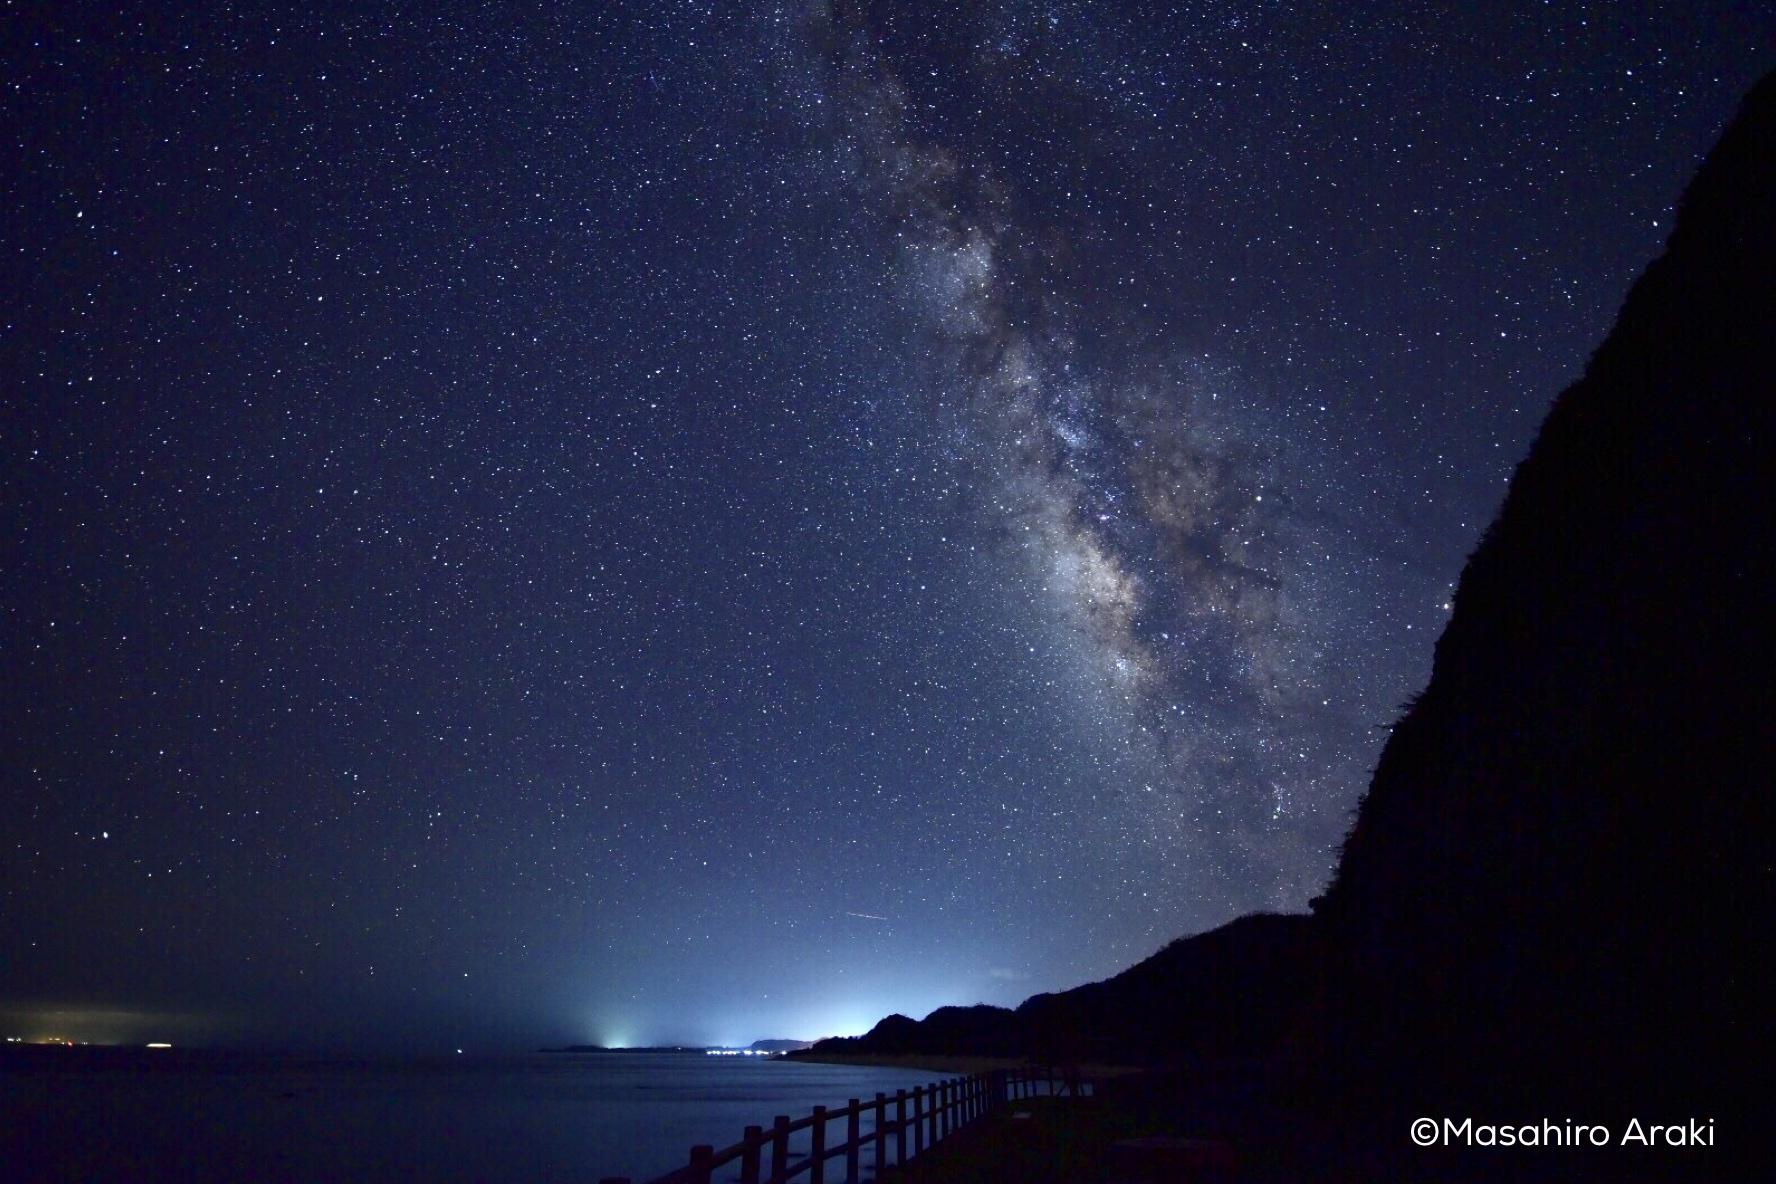 あやまる岬観光公園からみえる南側の星空の写真001_12 のコピー